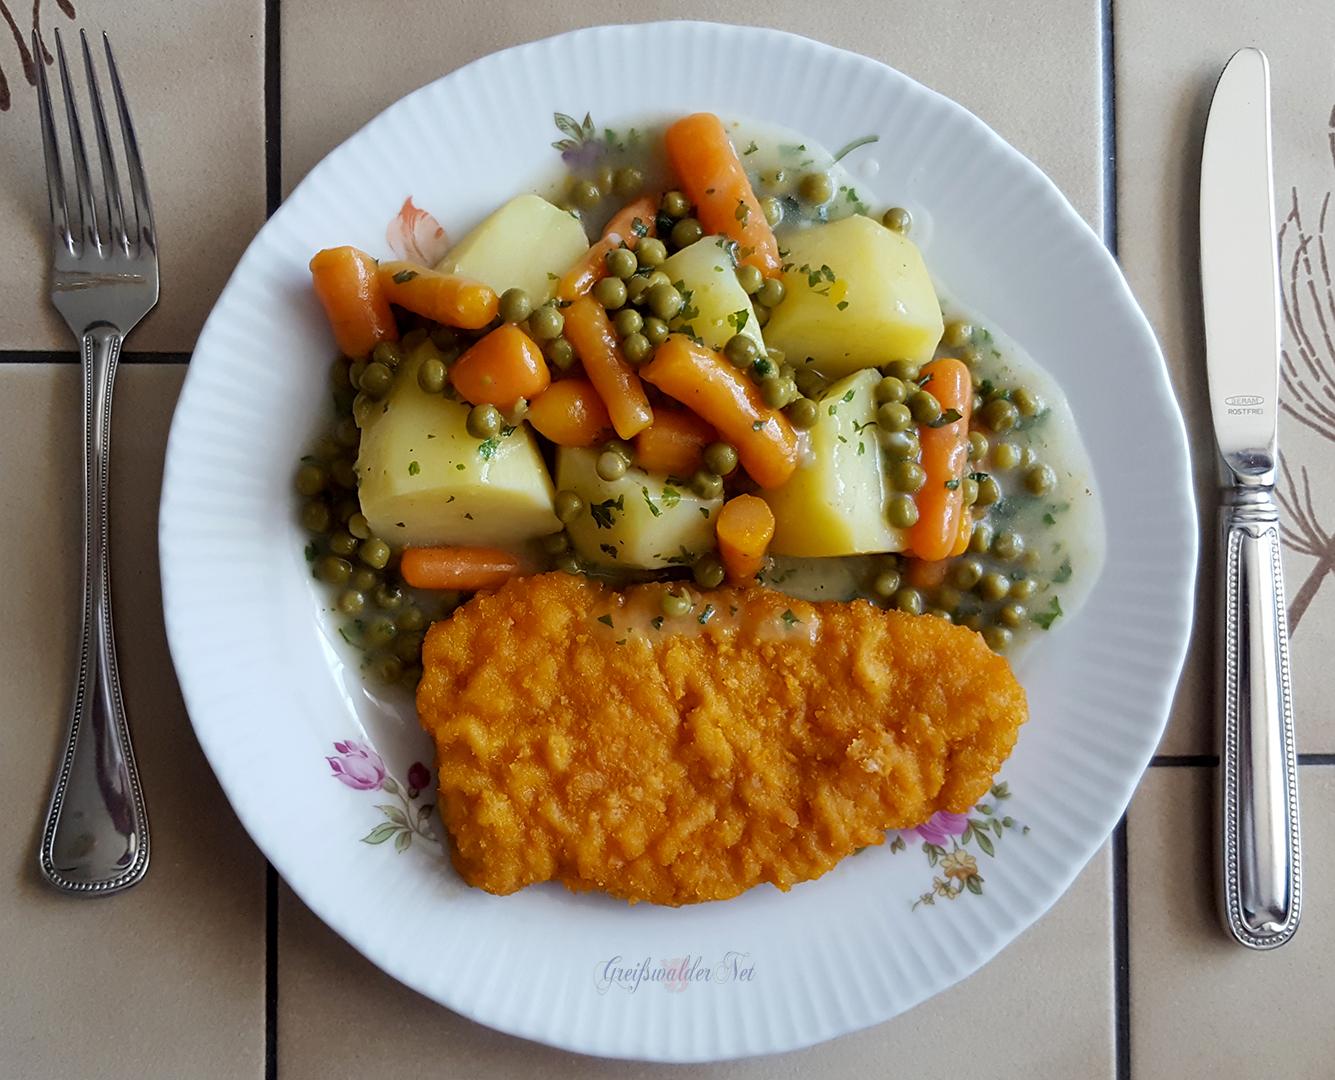 Schnitzel mit Frühkartoffeln und Mischgemüse